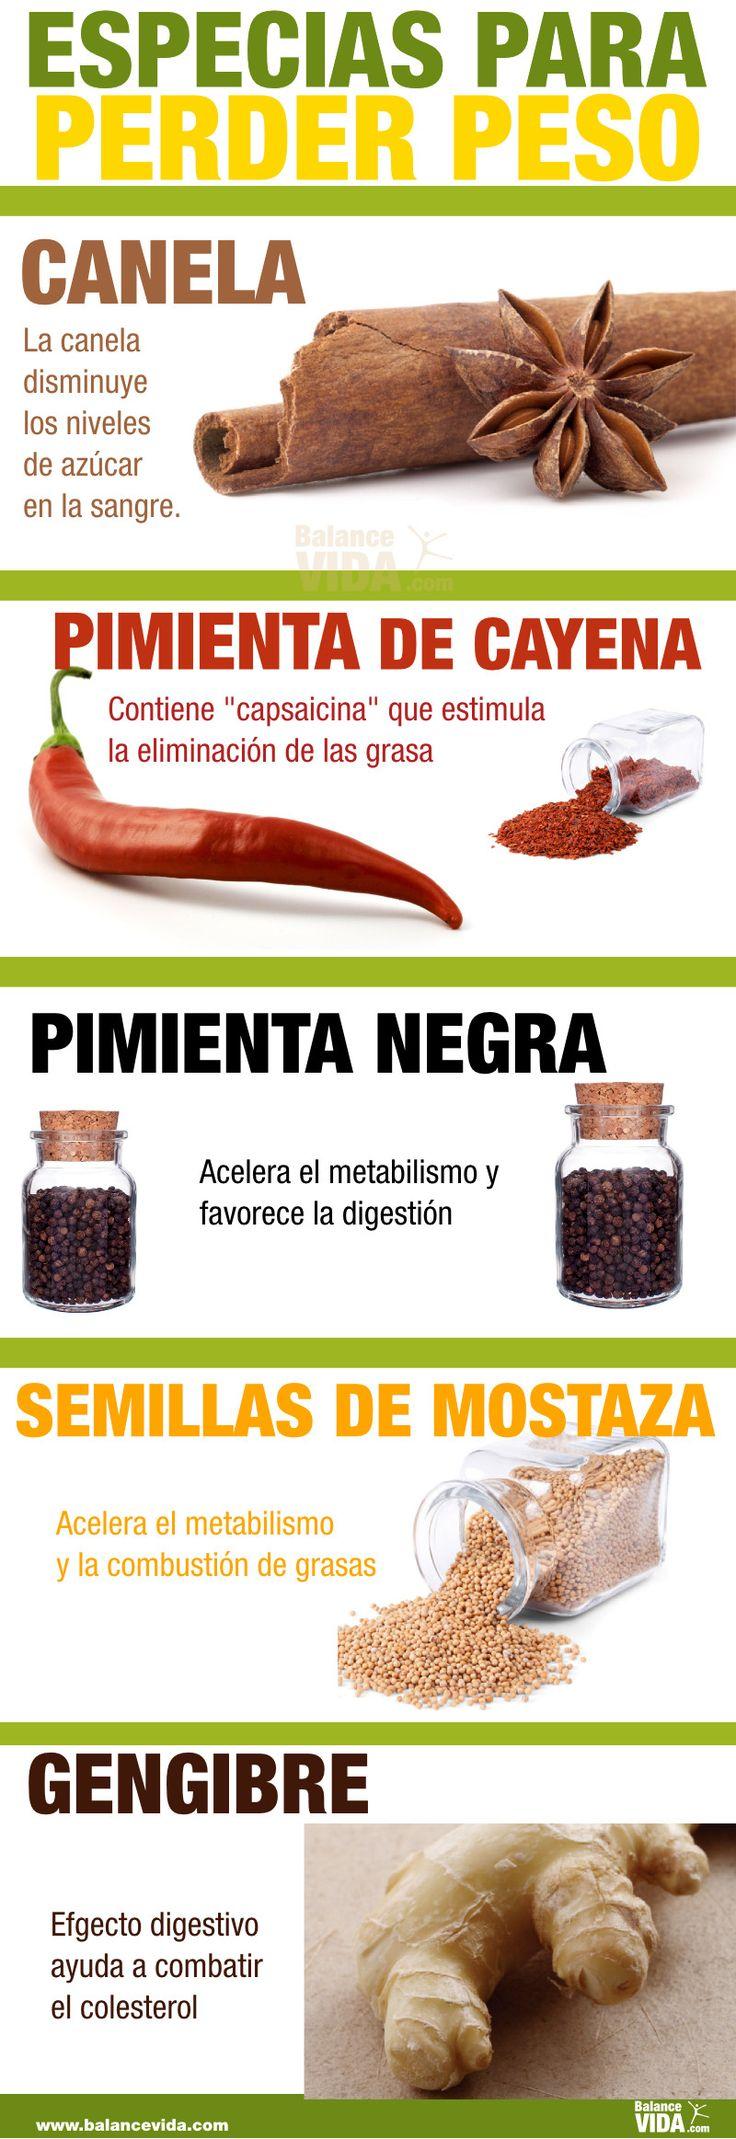 Especias que te ayudan a perder peso - MEDICO HOMEOPATA IRIOLOGO, ACUPUNTURA, FLORES de BACH, PSICOTERAPIA DINAMICA - Calle SIMON BOLIVAR 397- CORDOBA -Capital- Argentina -Tel. (0351) 421 0847